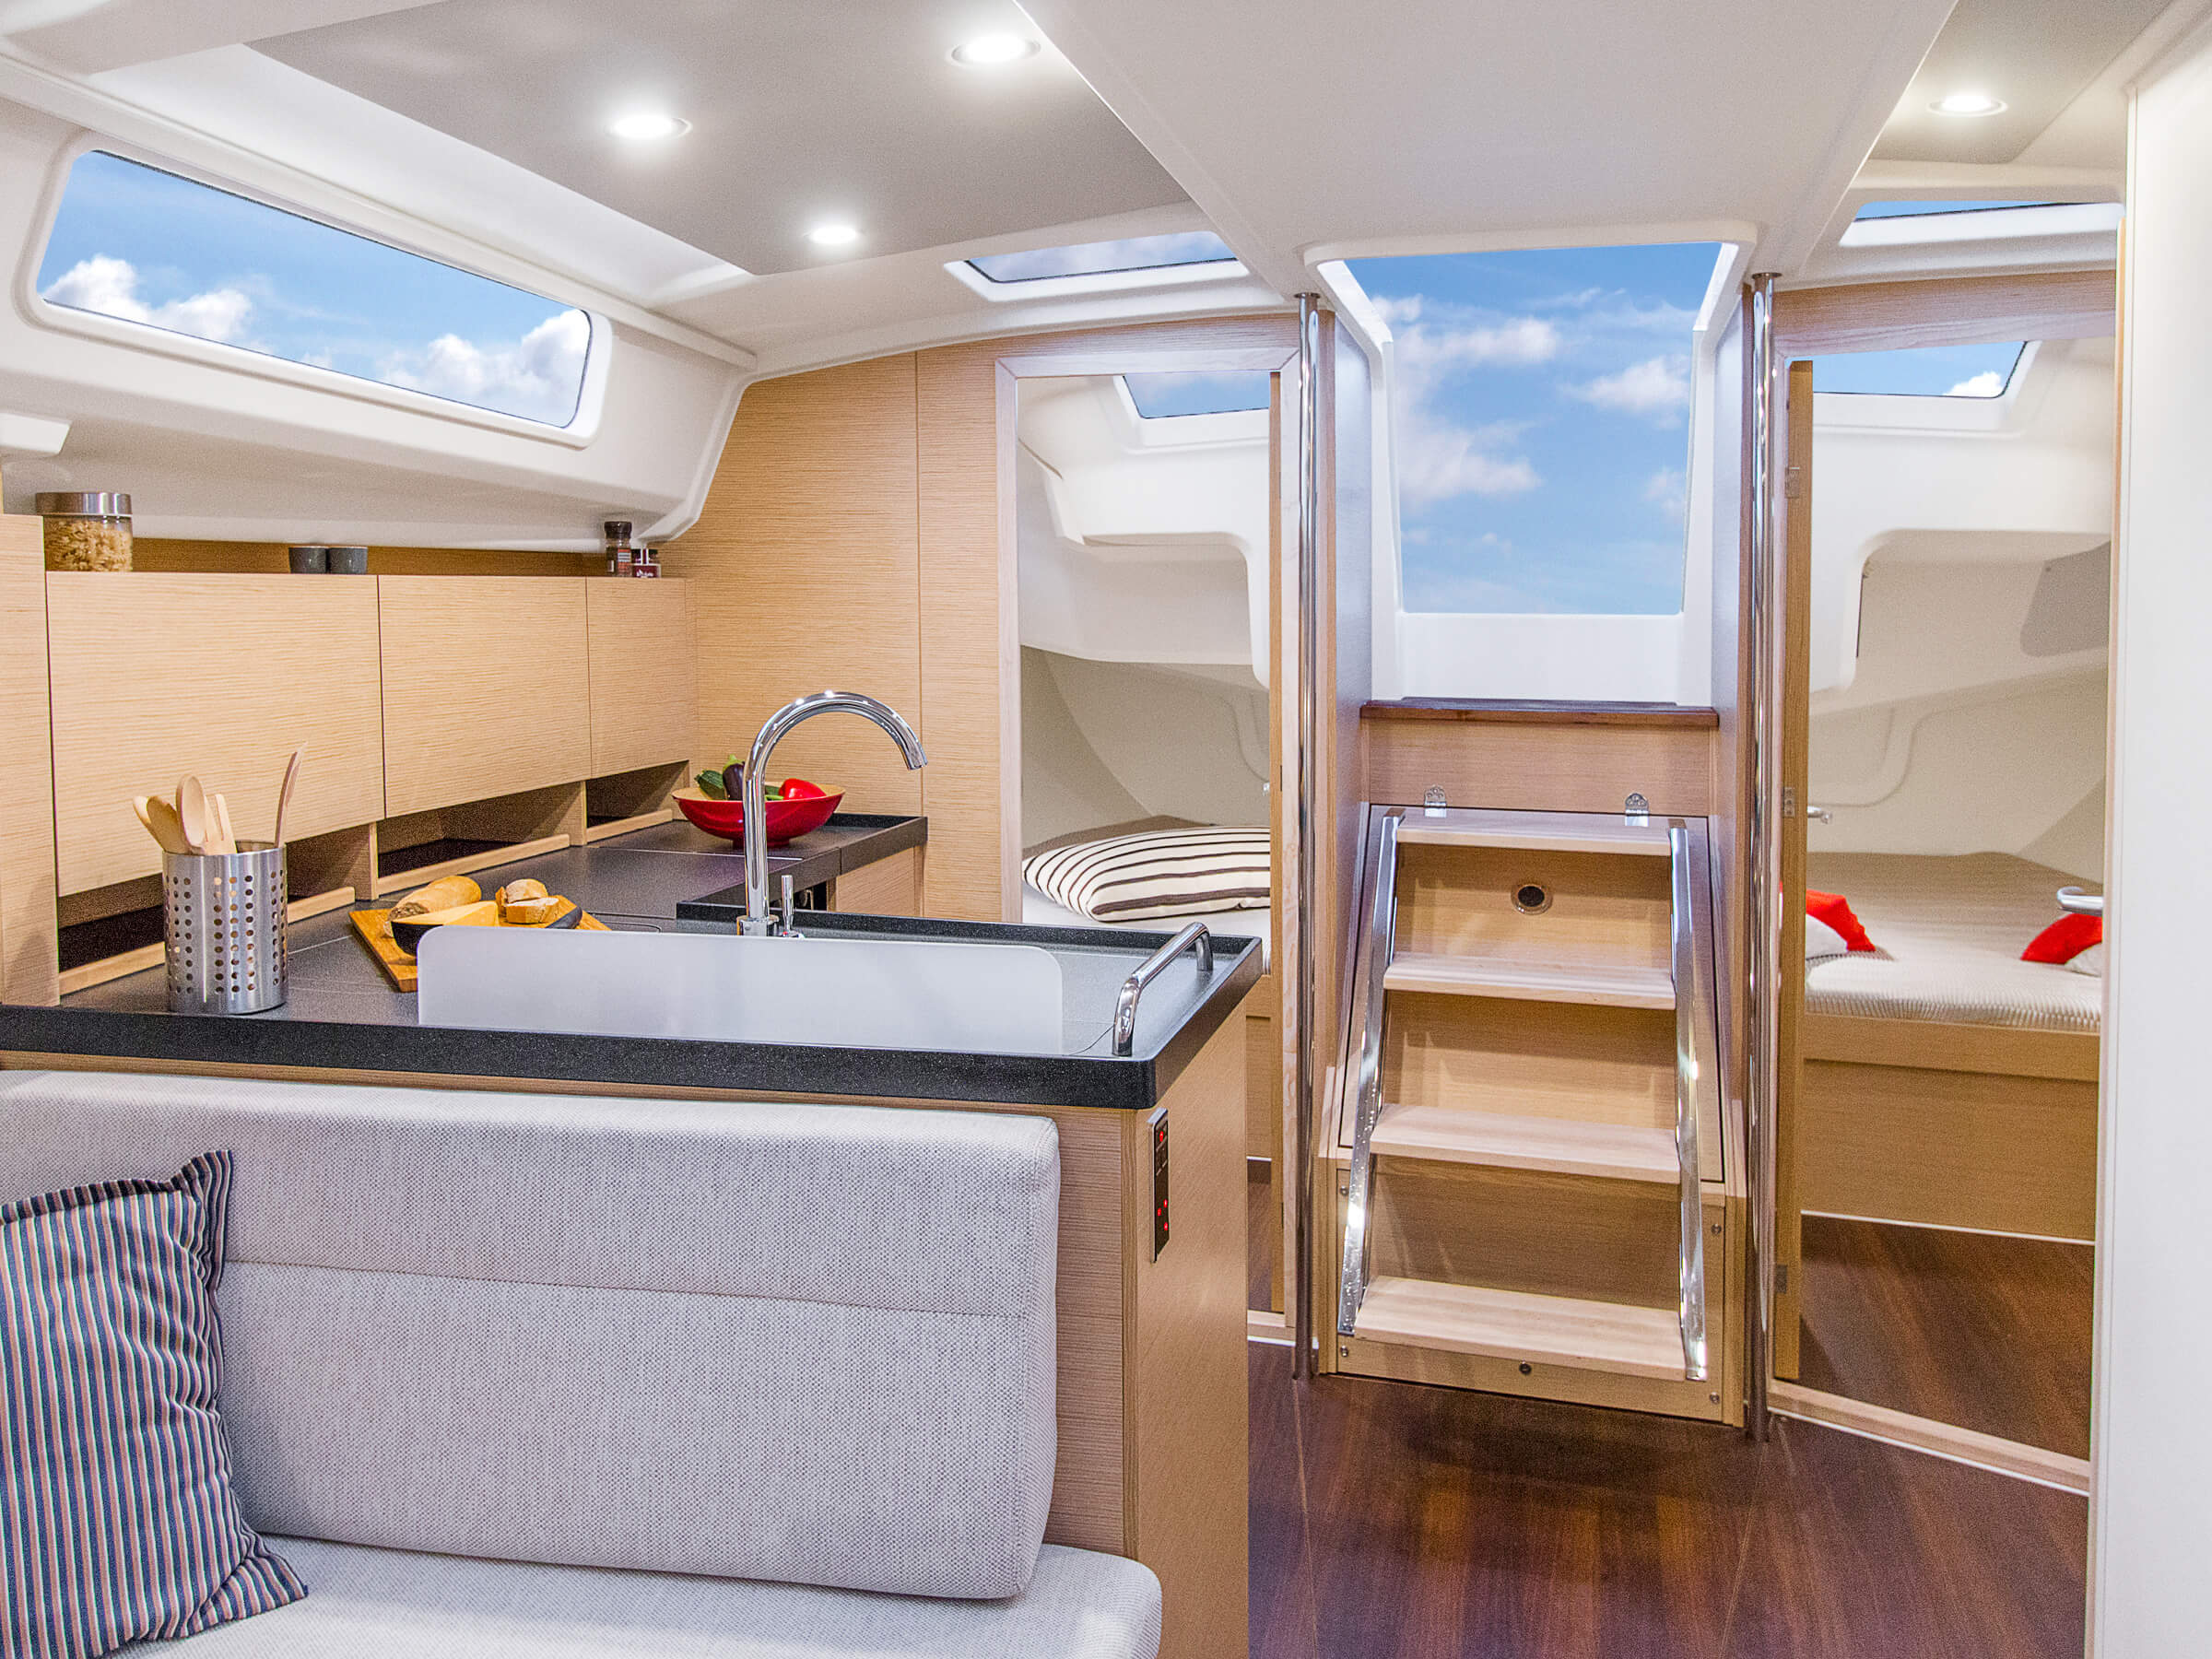 Hanse 418 | Çeşitli yerleşim seçenekleri ve kaliteli kumaşlar, zarif ahşaplar, moda renkler, seçkin zemin malzemeleri ve şık mobilyaların dahil olduğu geniş kombinasyon seçenekleri sayesinde HANSE'nizi kendinize özel, benzersiz bir yata dönüştürebilirsiniz. | Hanse